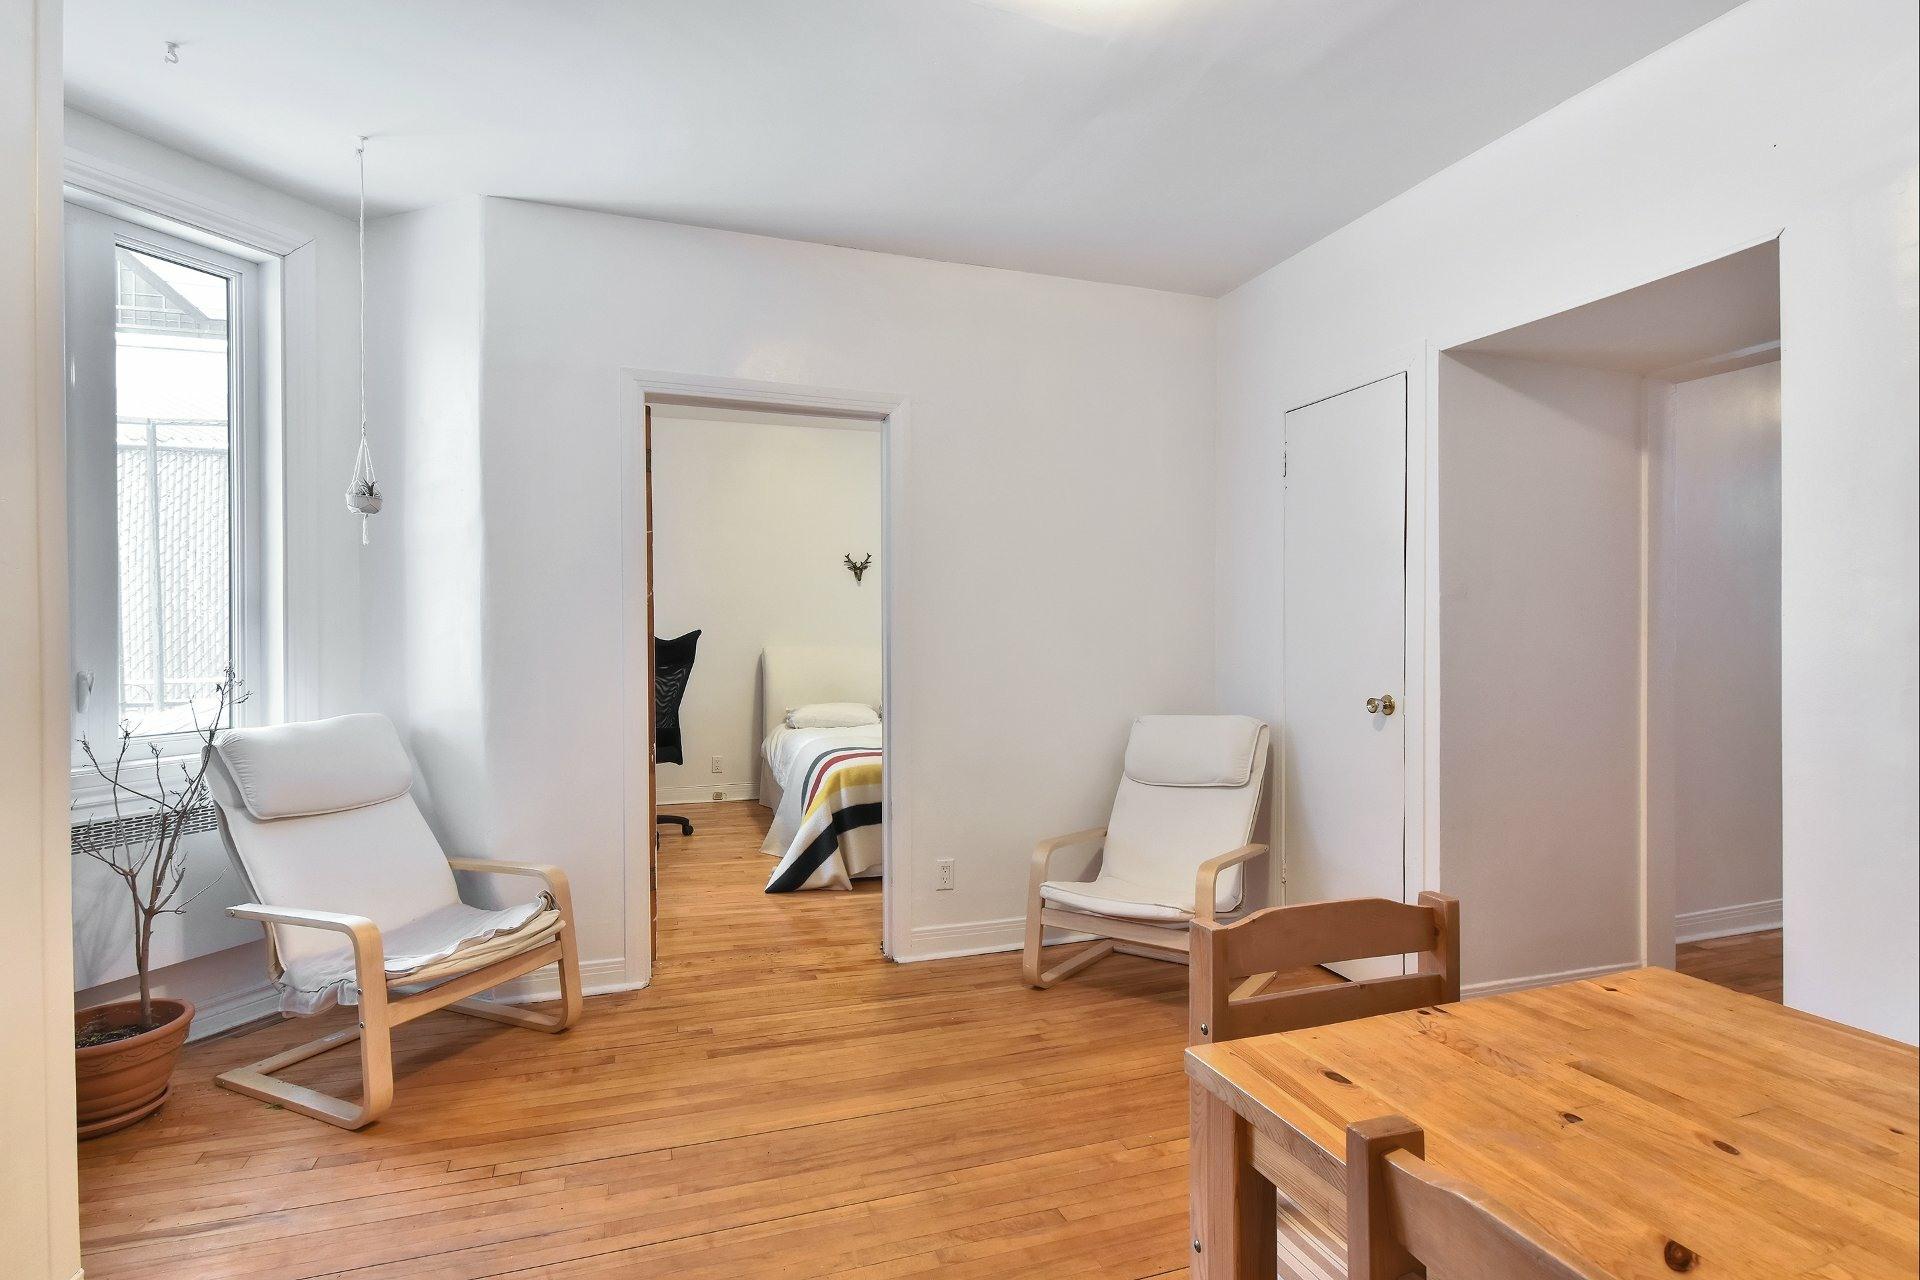 image 18 - Apartment For sale Montréal Côte-des-Neiges/Notre-Dame-de-Grâce  - 7 rooms